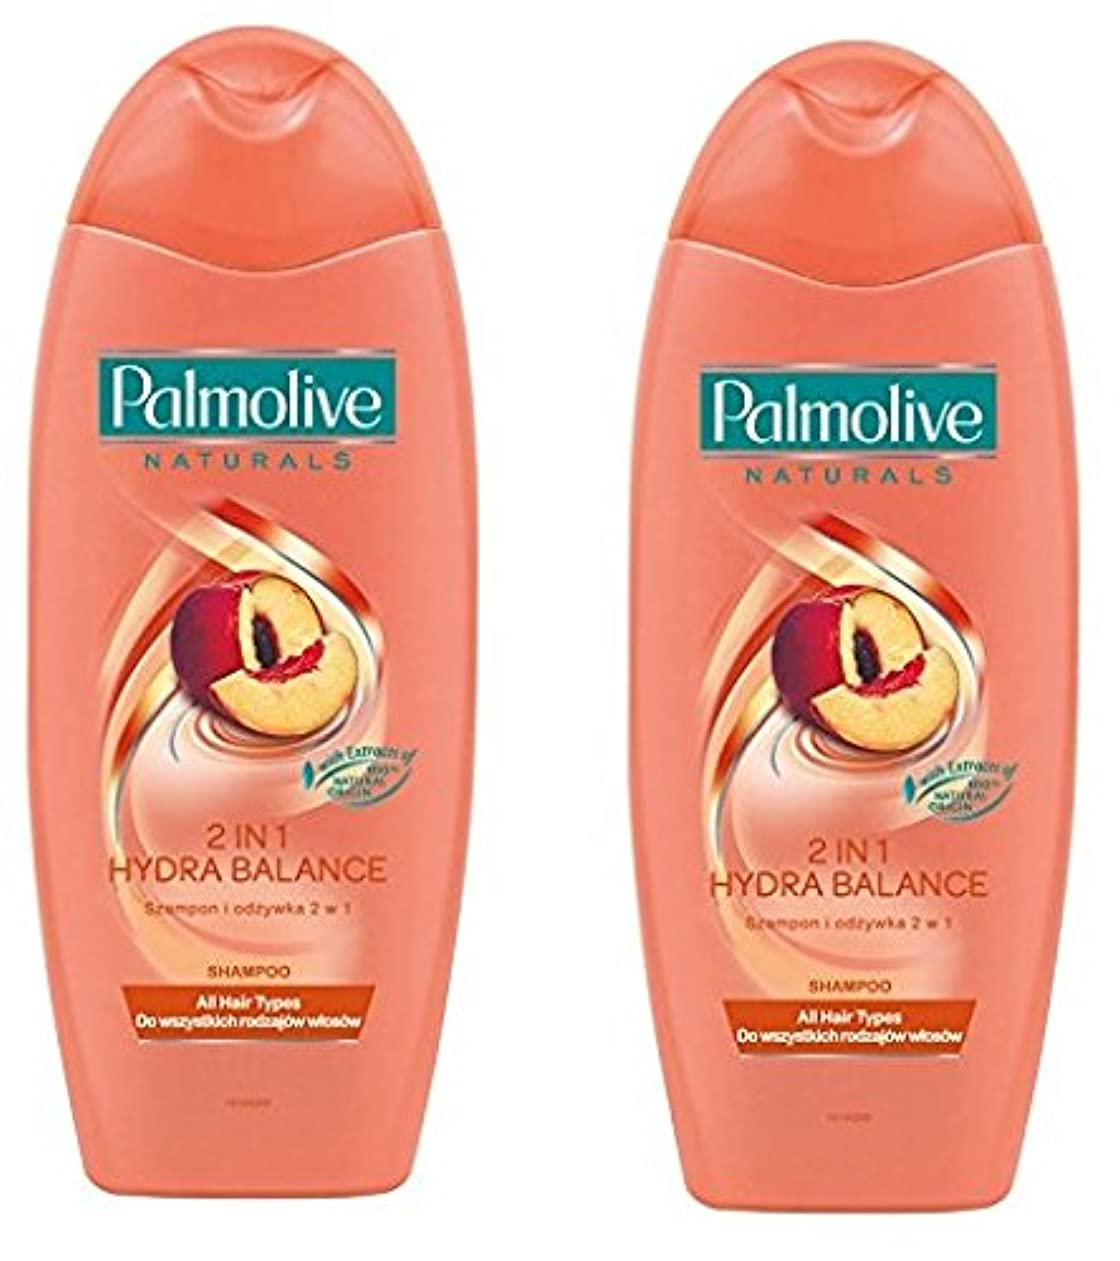 信頼性のある高音現代のPalmolive Naturals Shampoo & Conditioner パルモティブシャンプーWコンディショナー ハイドロバランス 350ml 2個 [並行輸入品]